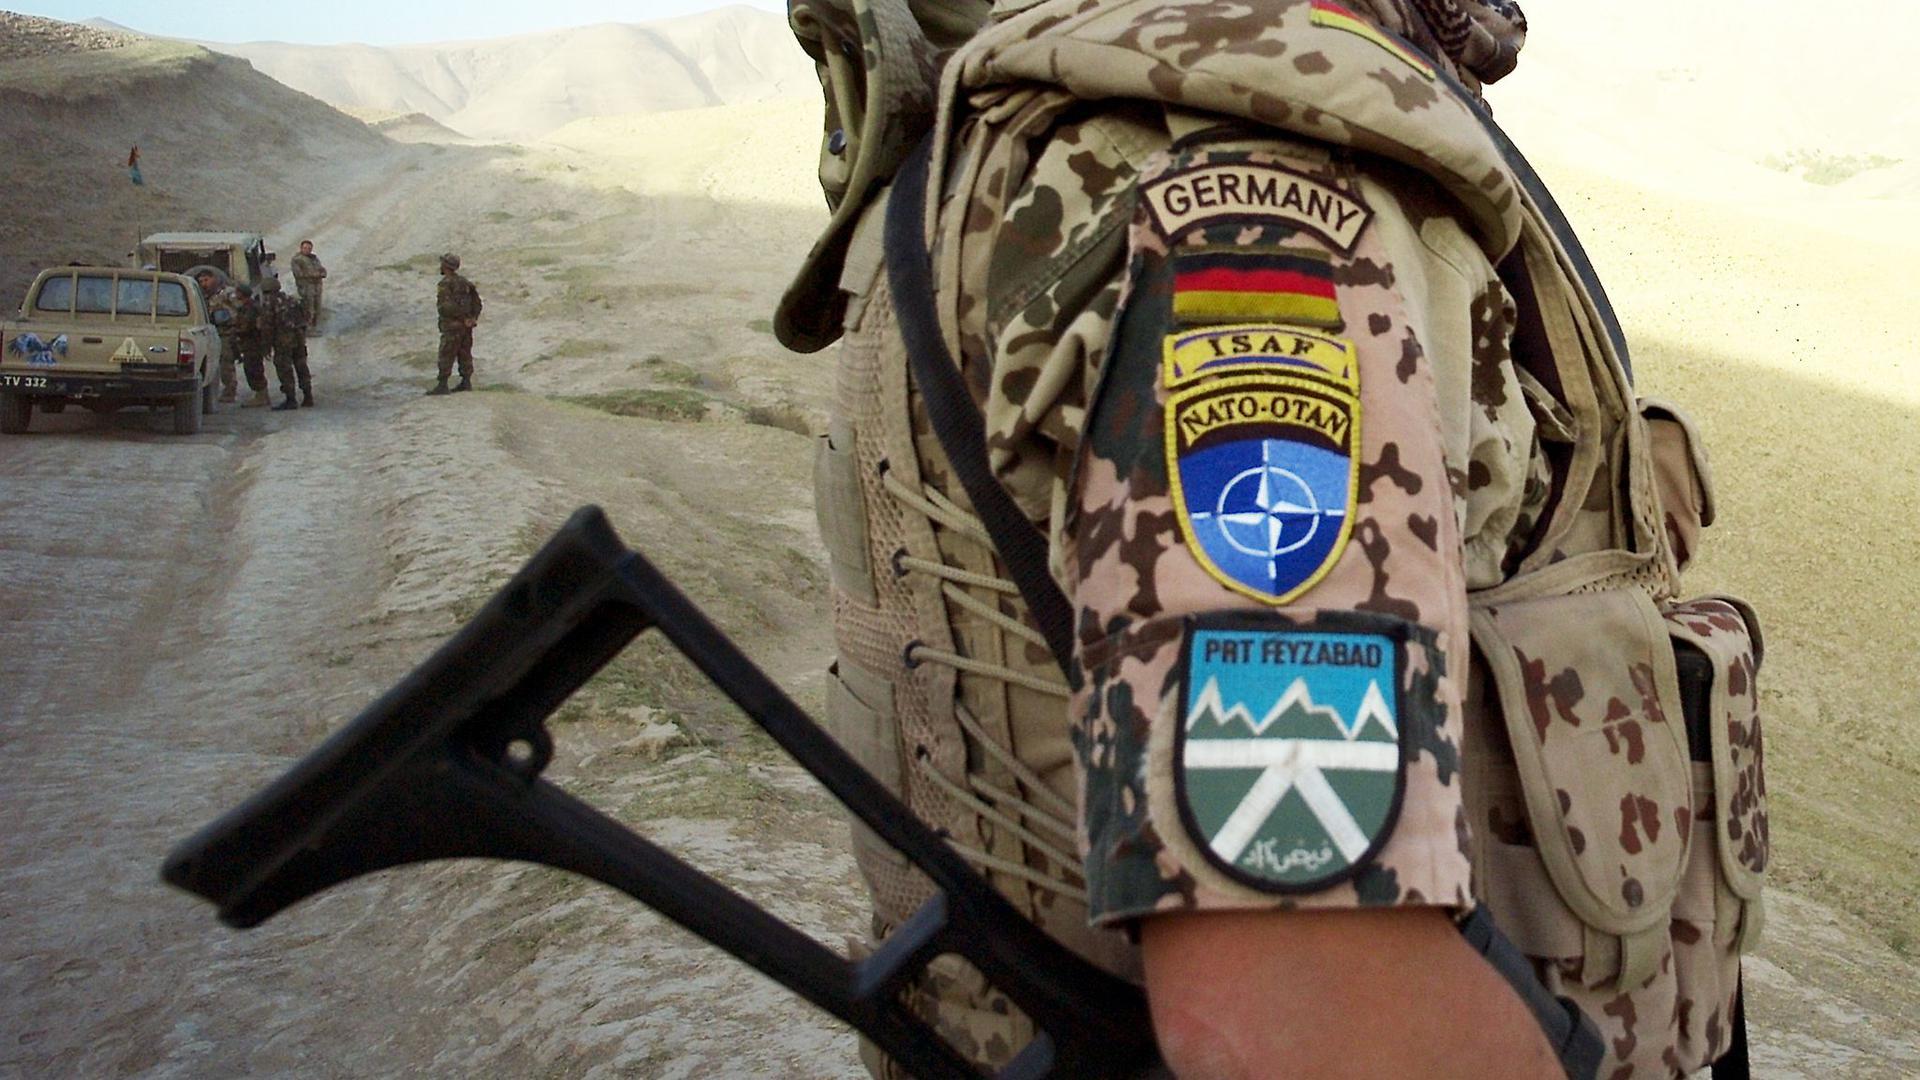 Ein Soldat des deutschen ISAF-Kontingents im Jahr 2008 bei einer Patrouille in der Umgebung von Faisabad in Afghanistan.